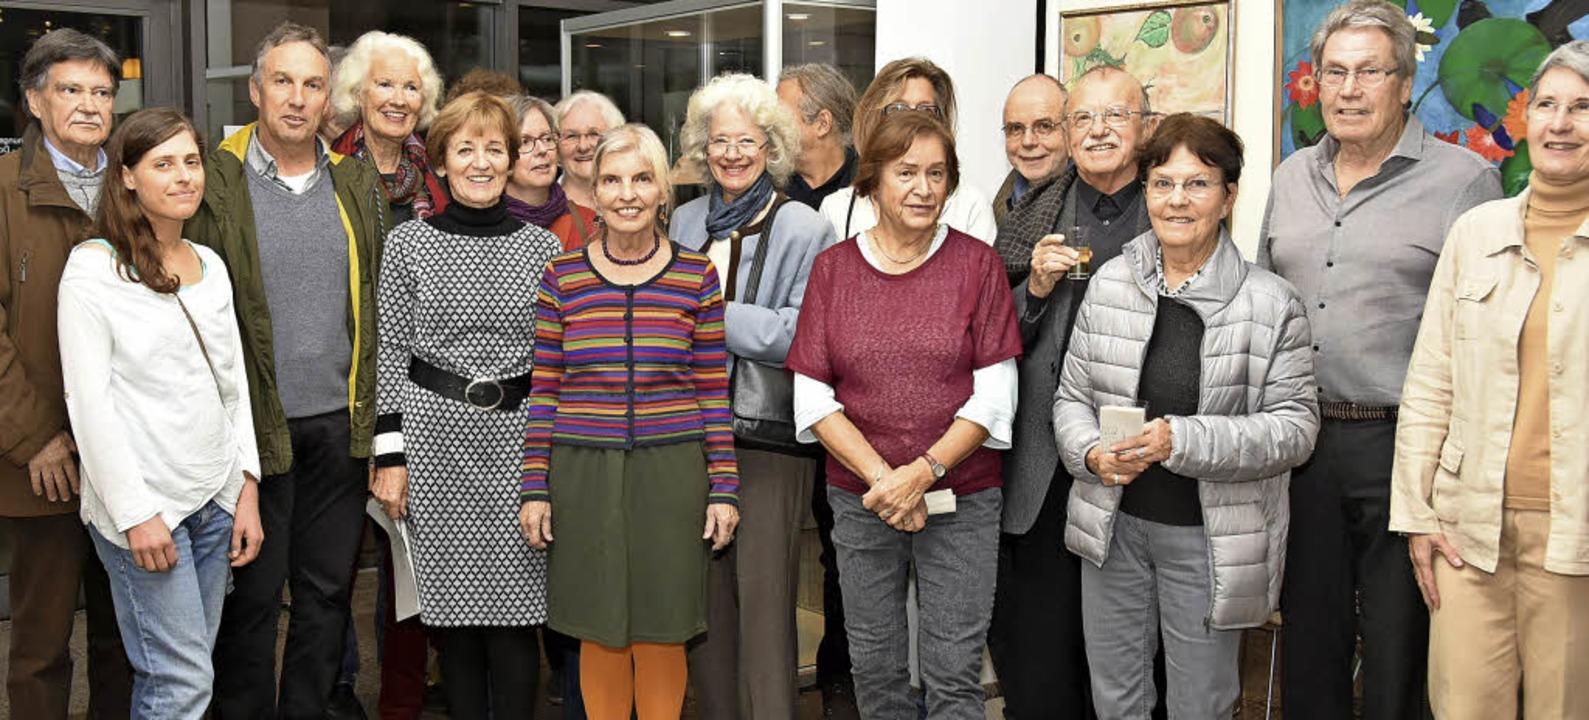 Die Kunstschaffenden  mit ihrer Vorsitzenden Ulrike Bach (Mitte)  | Foto: Andrea Steinhart